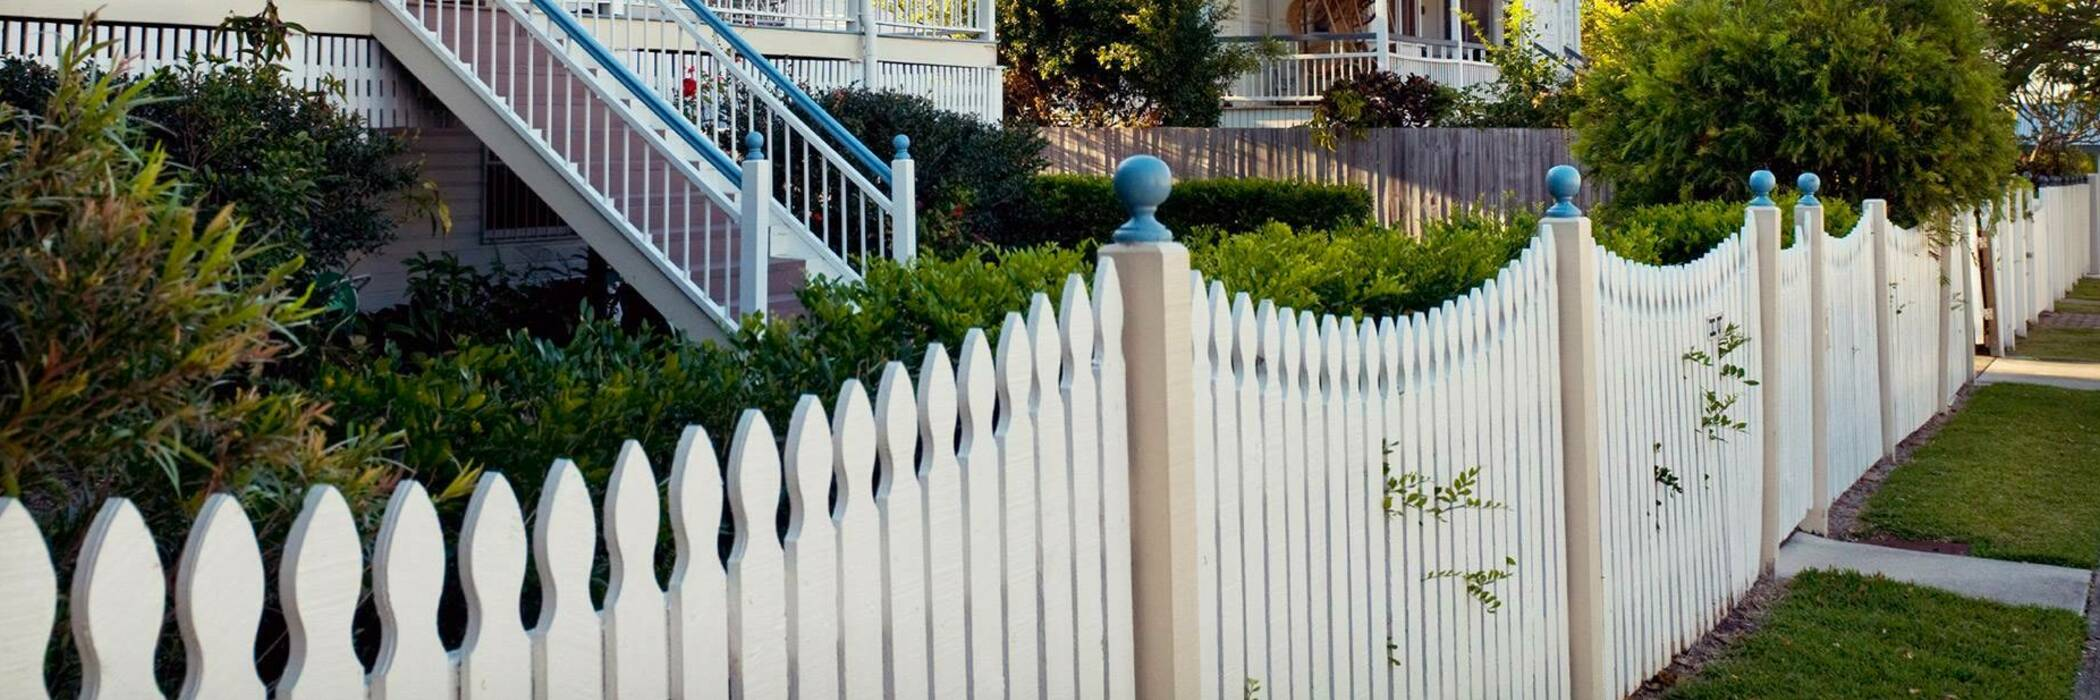 Fences hero